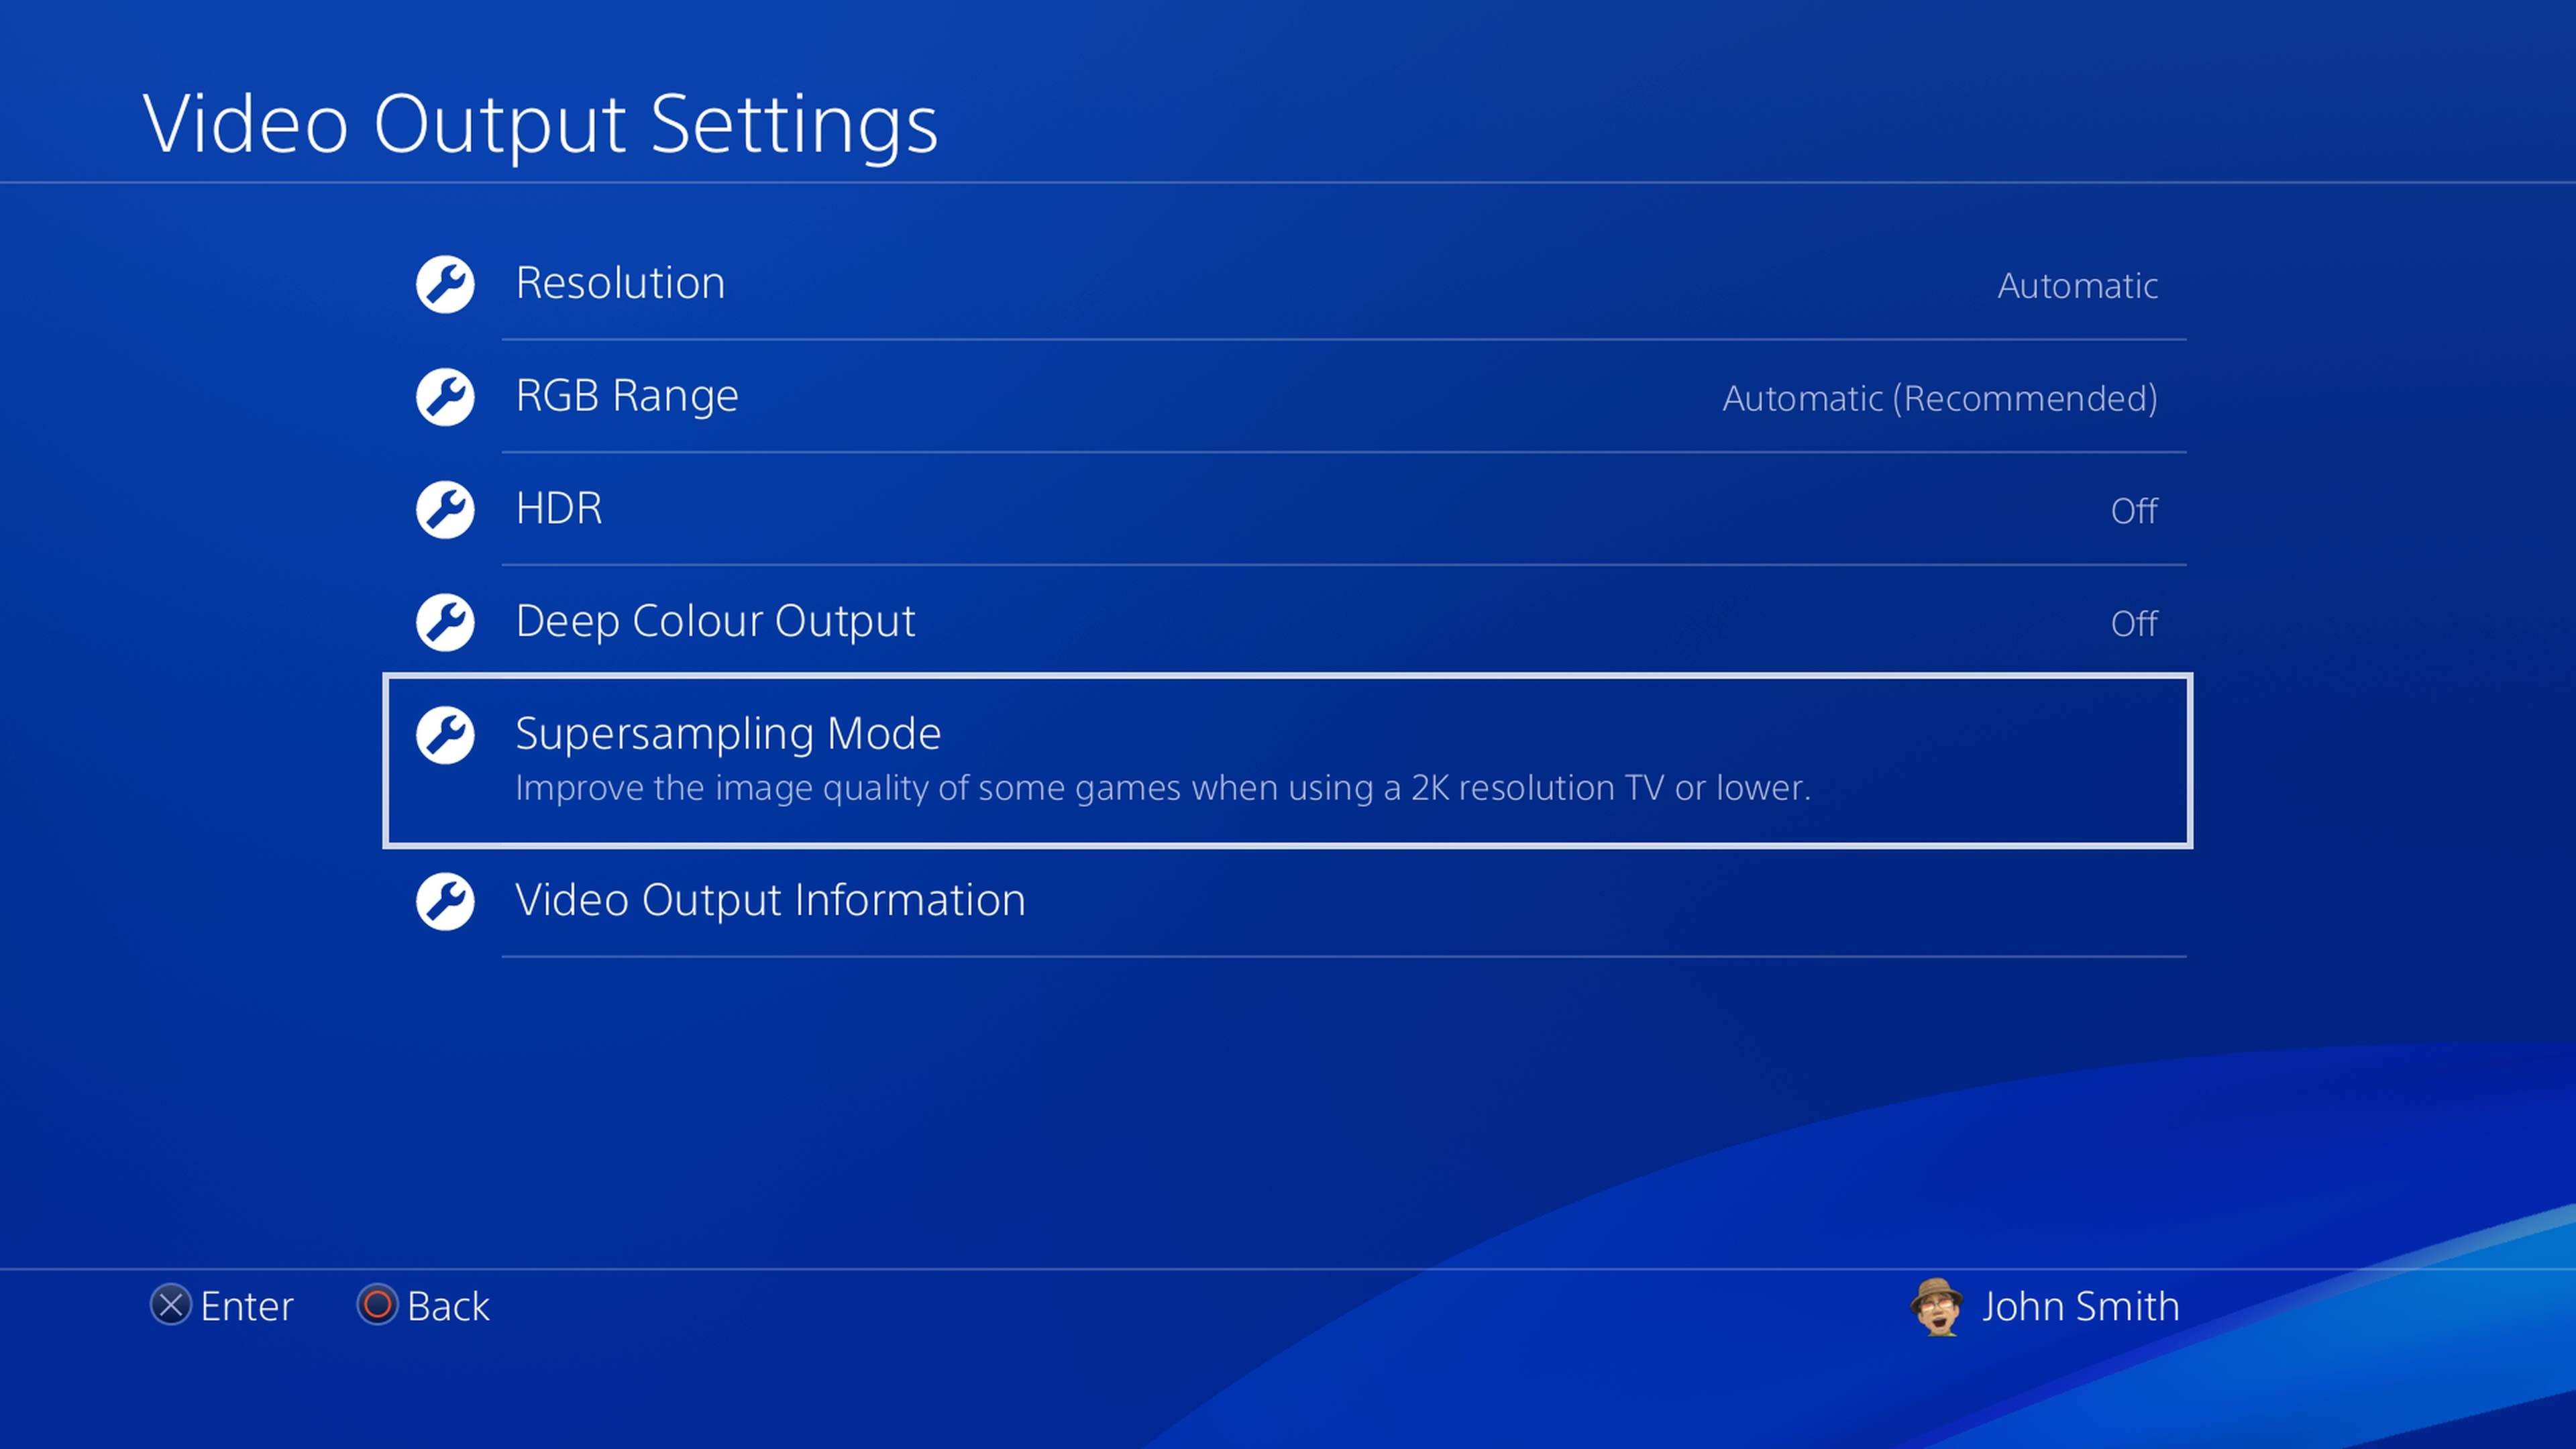 Ps4 Pro Hara Que Los Juegos Se Vean Mejor En Televisores 1080p